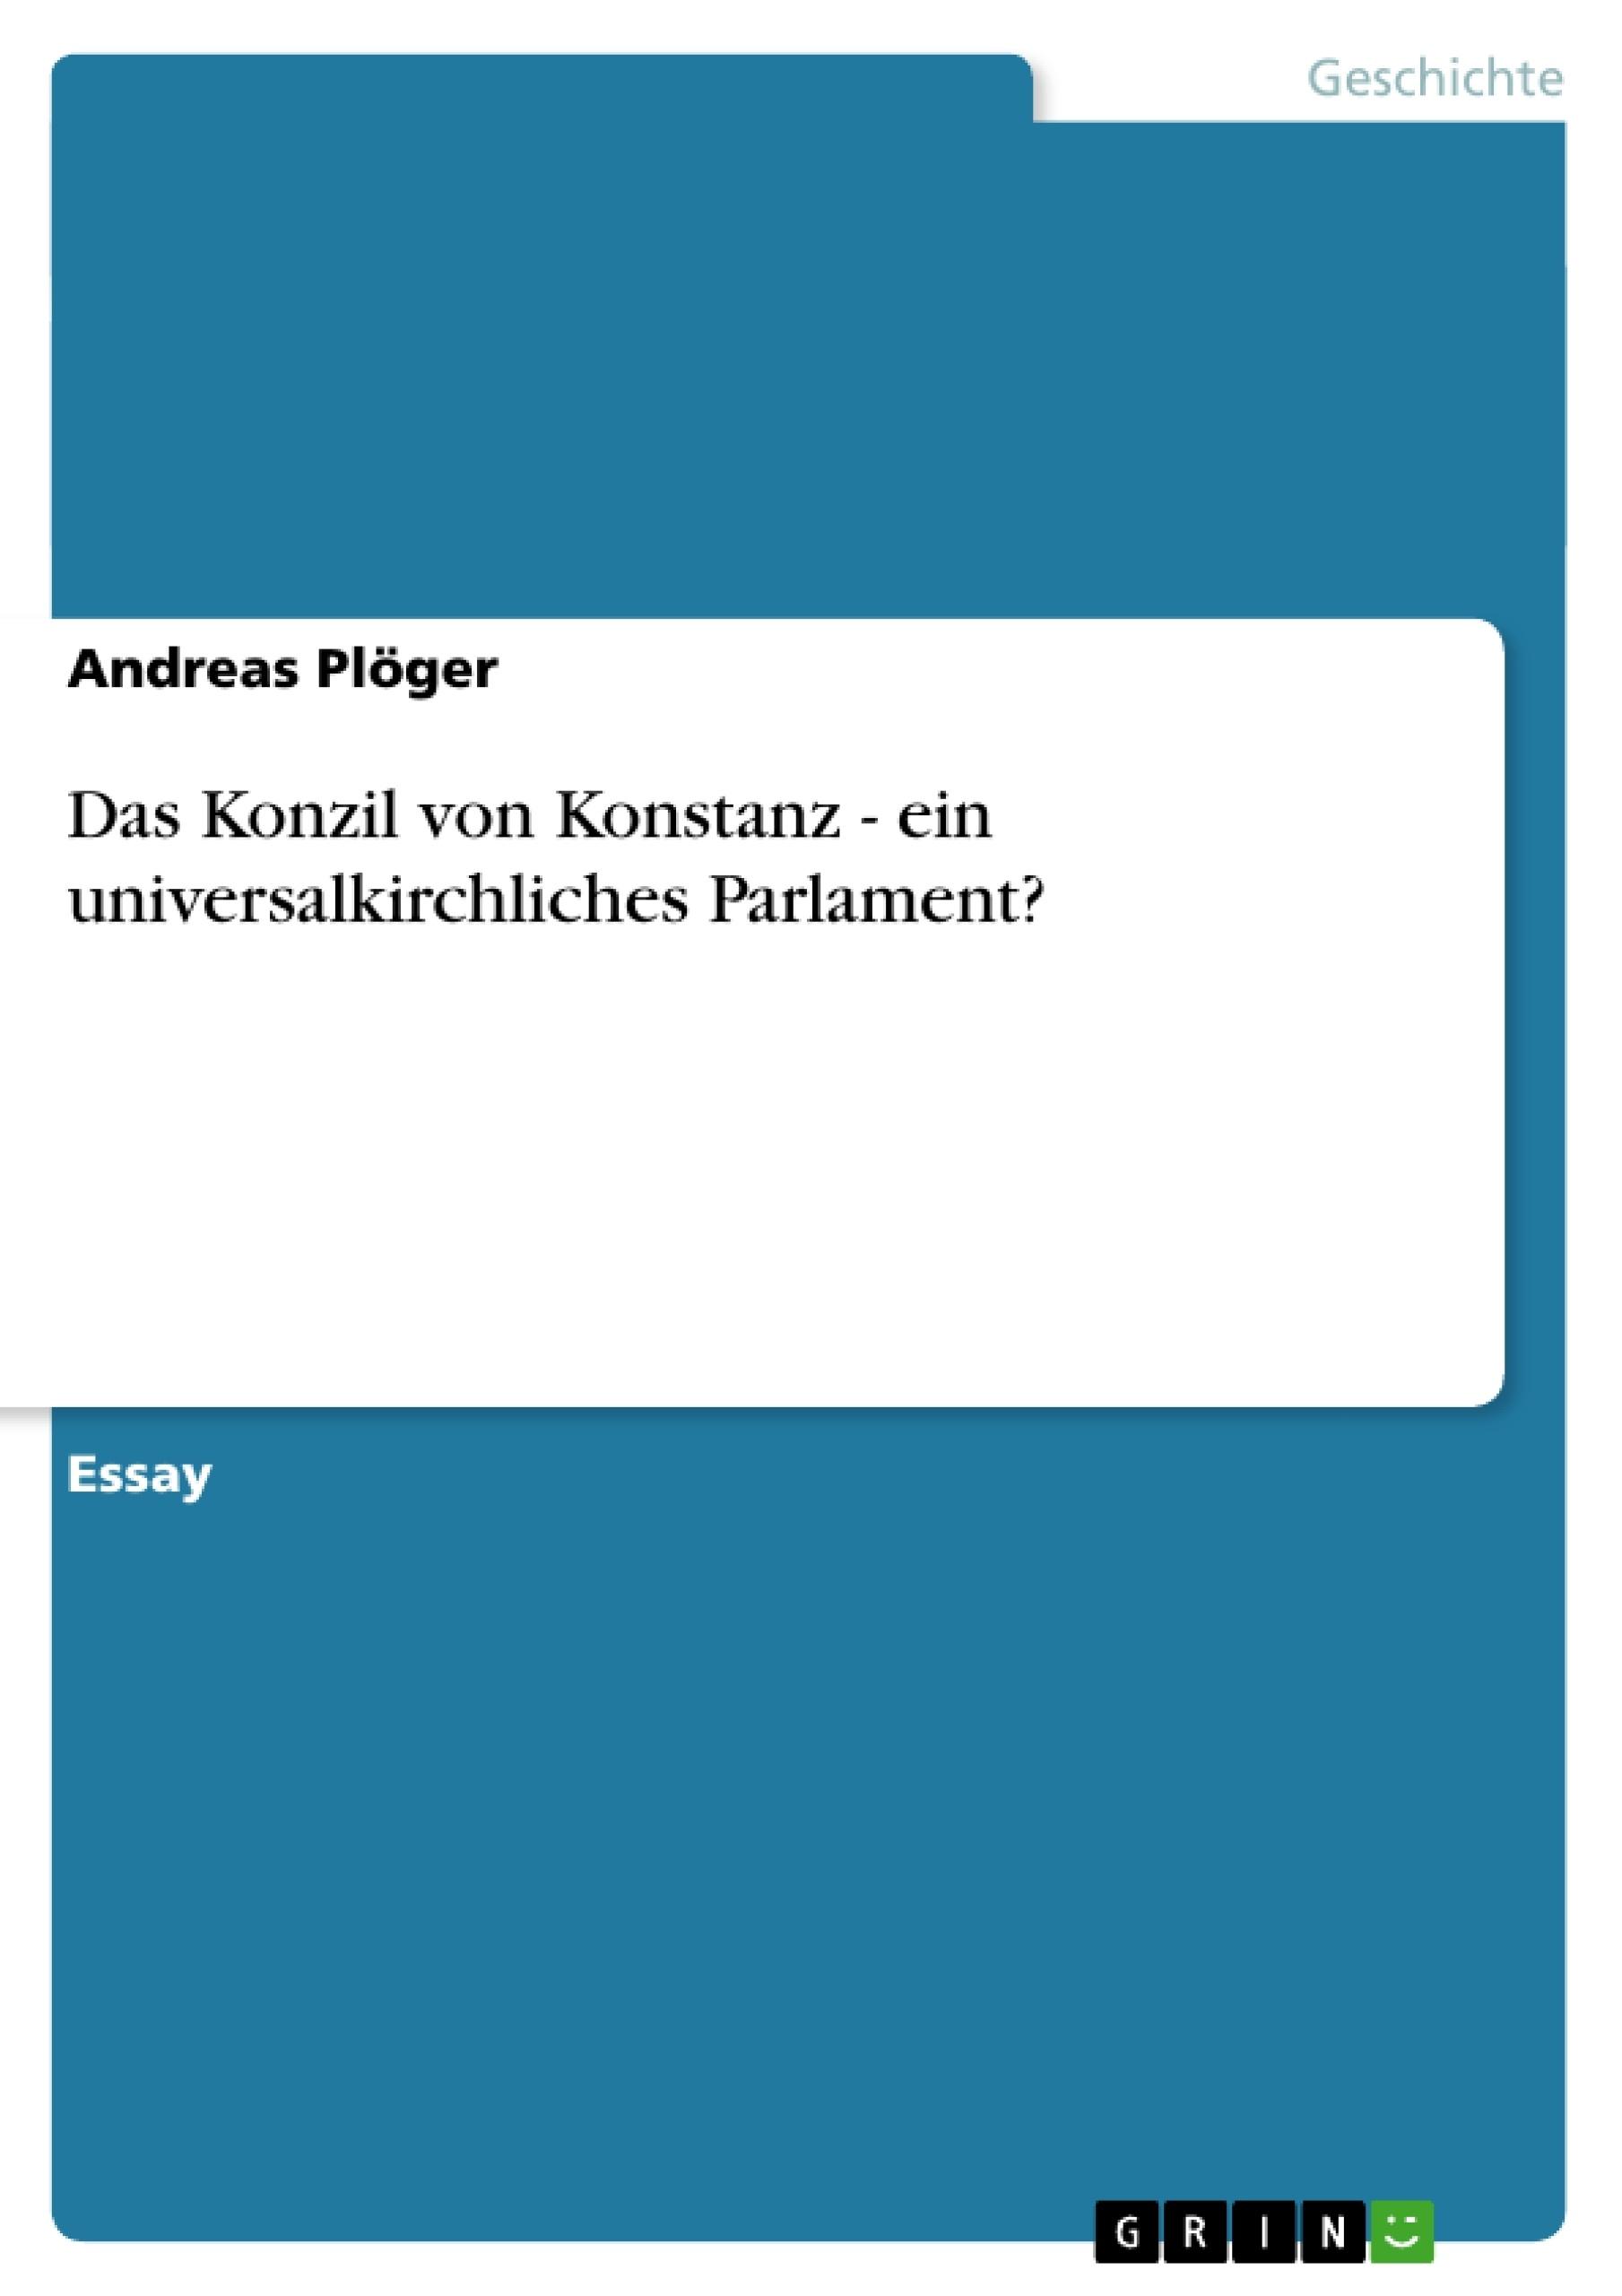 Titel: Das Konzil von Konstanz - ein universalkirchliches Parlament?